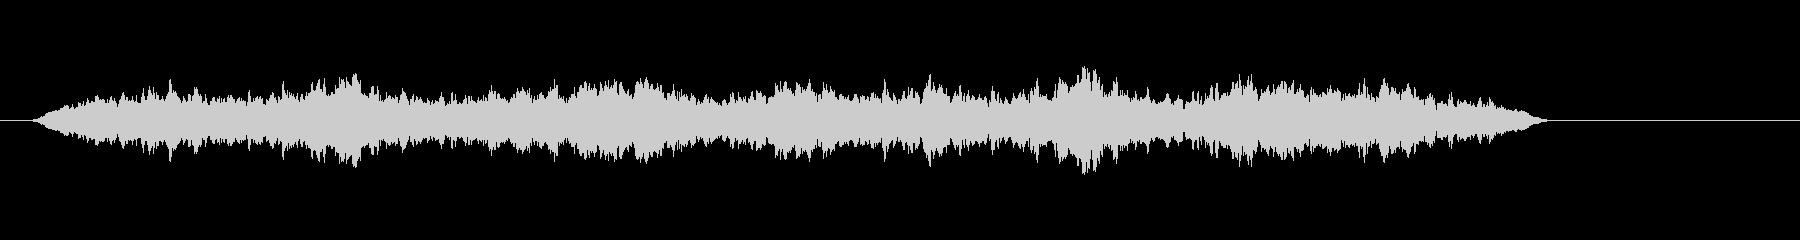 サイレン-バージョン2の未再生の波形